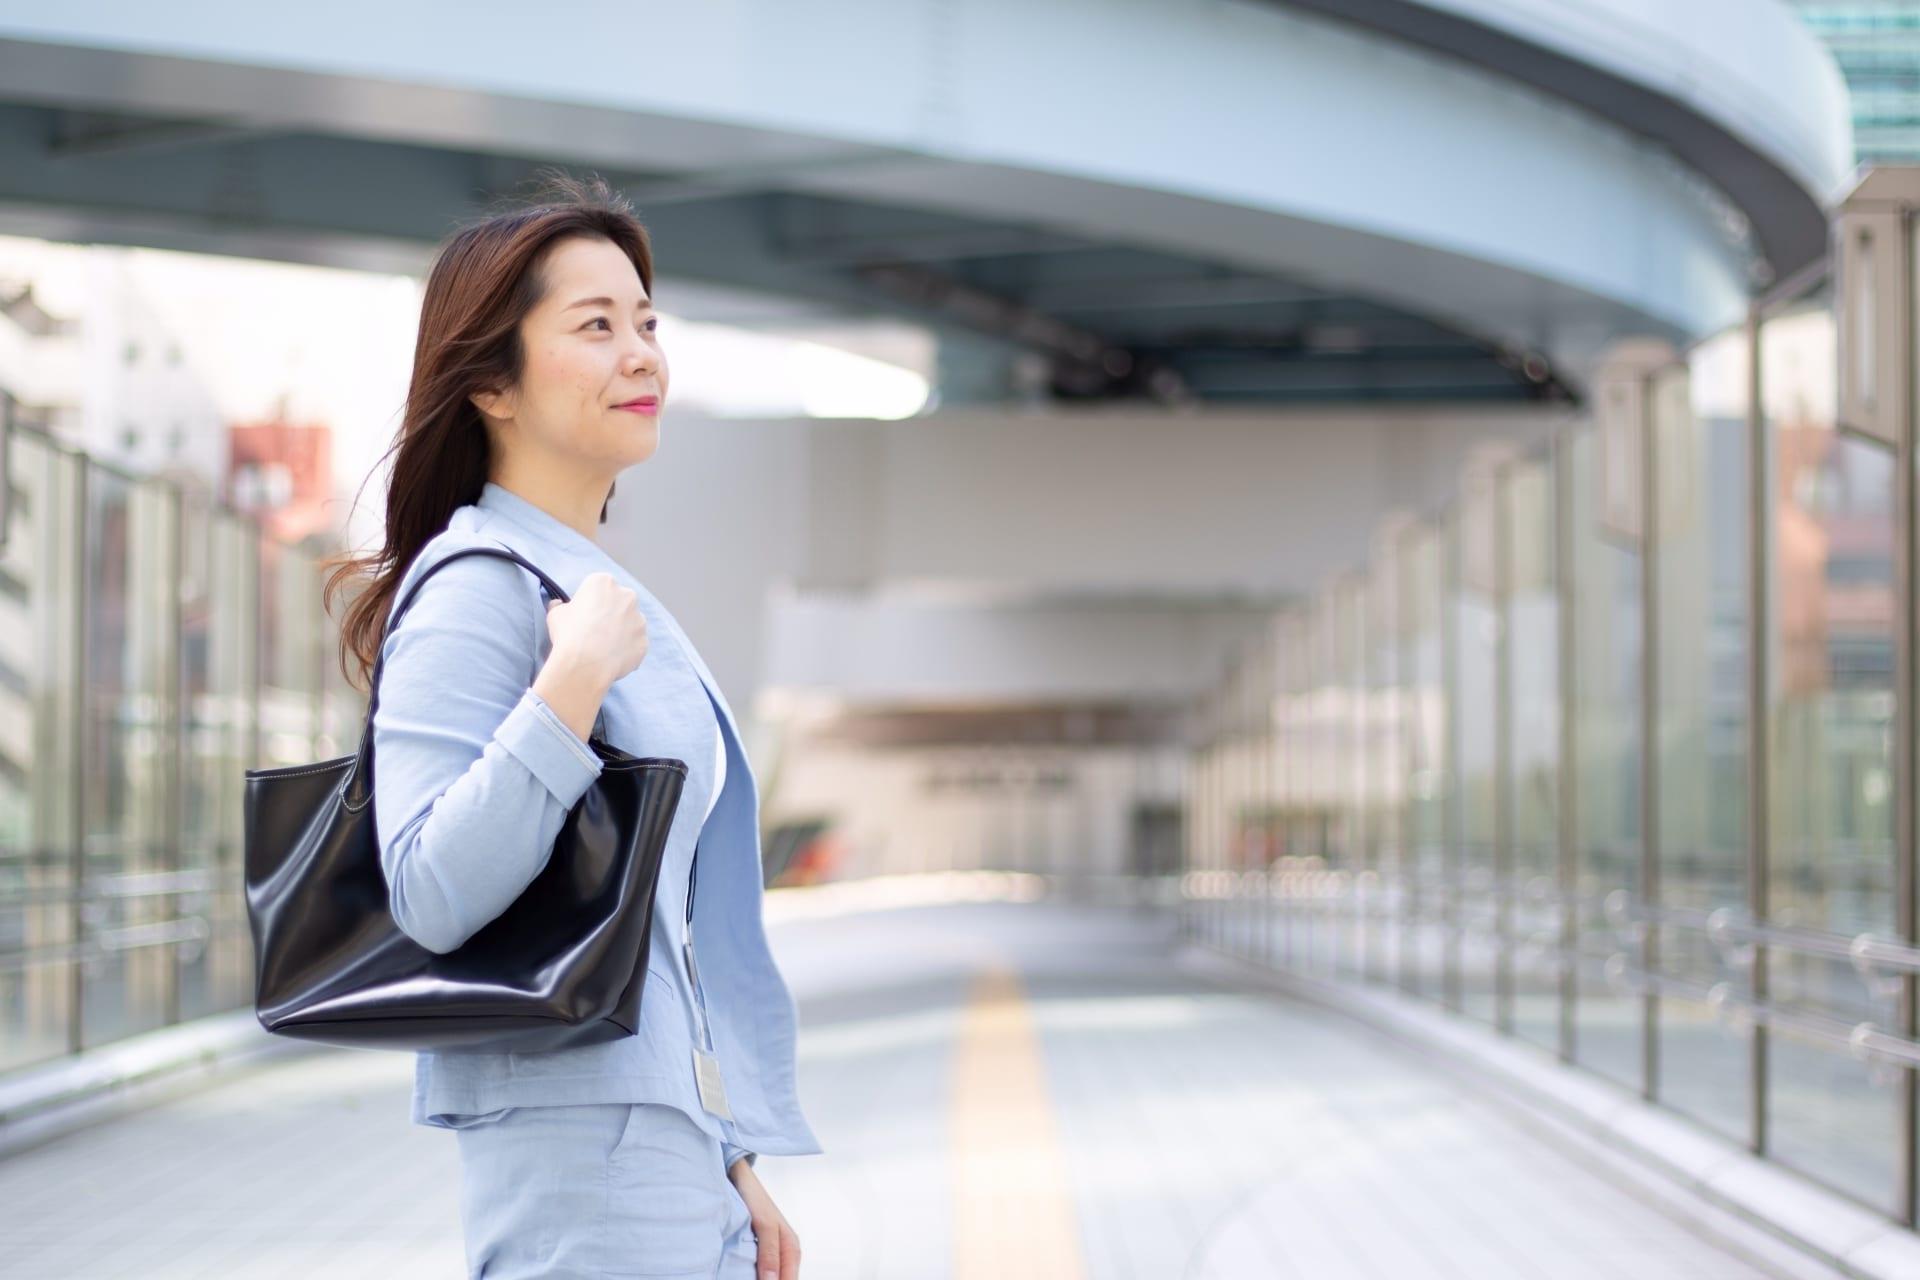 転職活動をする女性